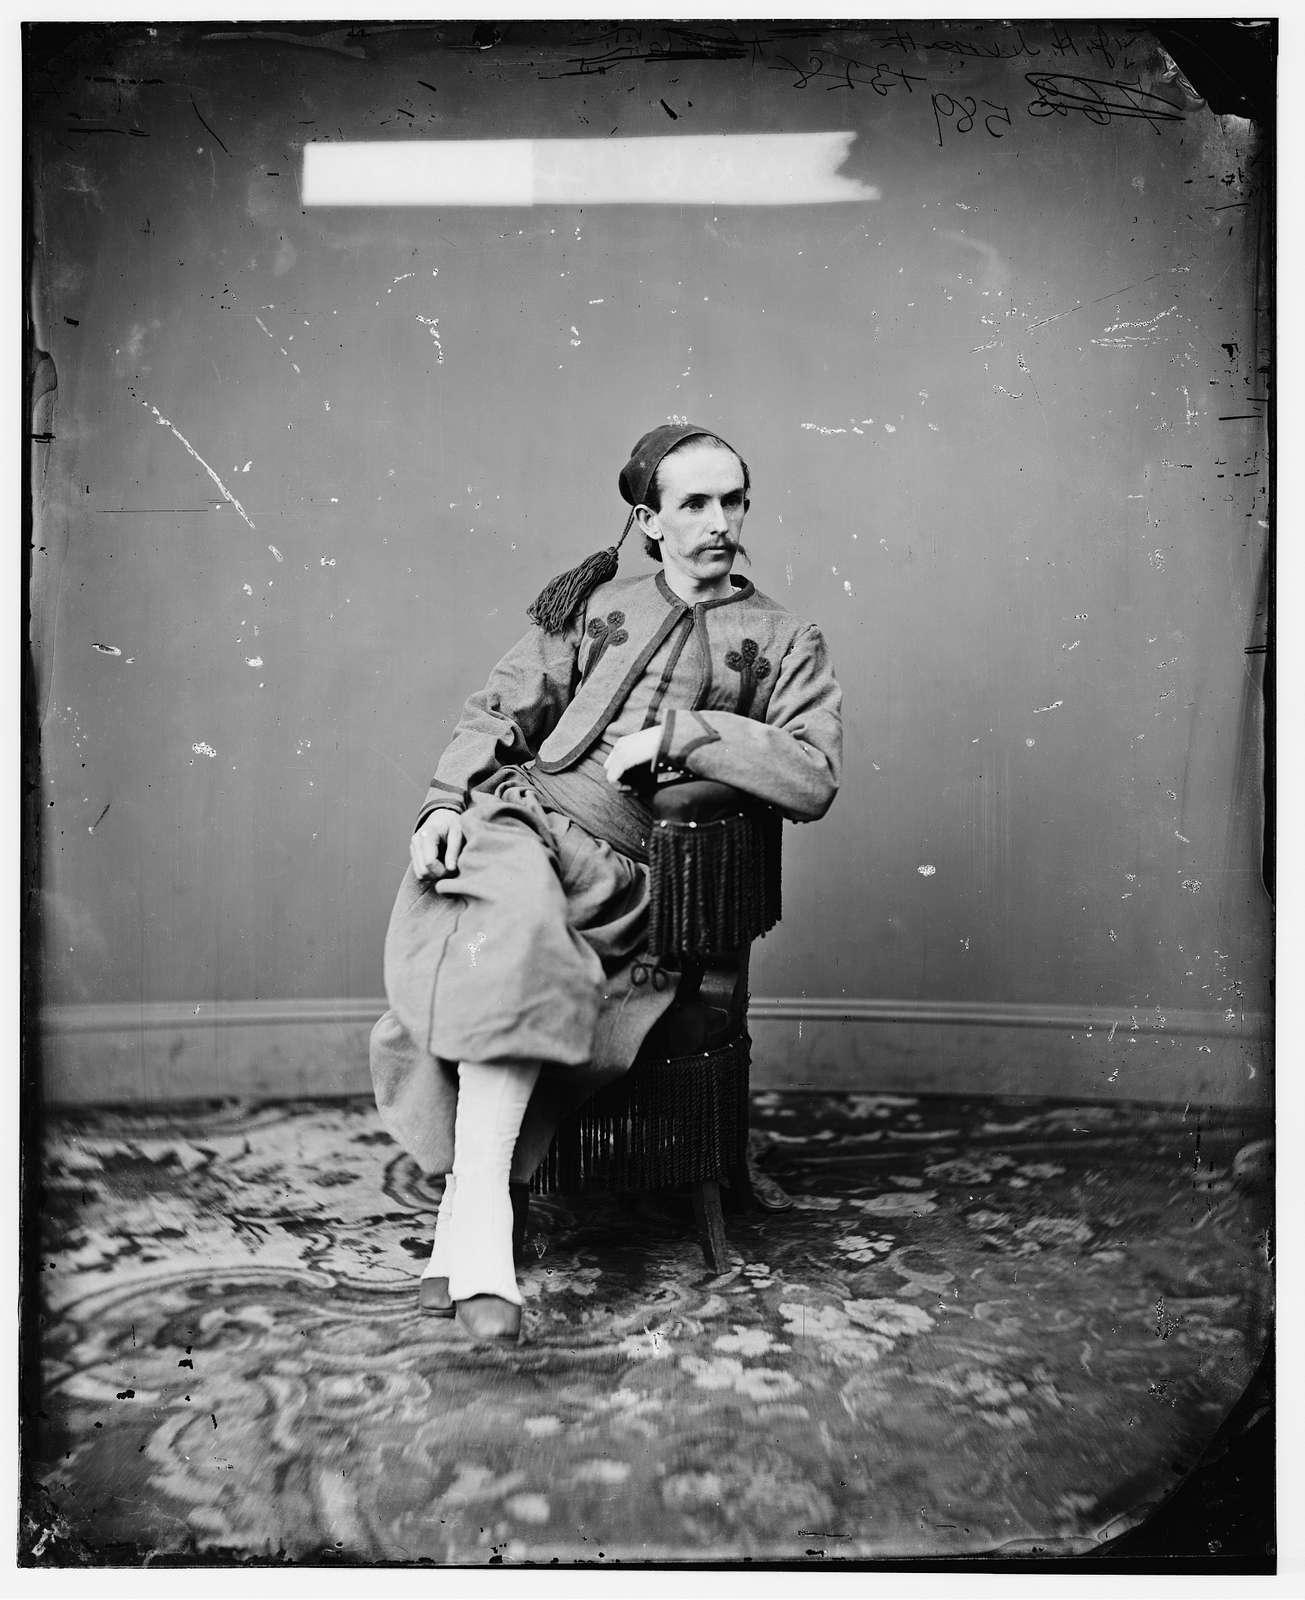 Surratt, John A. son of Mrs. Mary Surratt, one of Lincoln conspirators